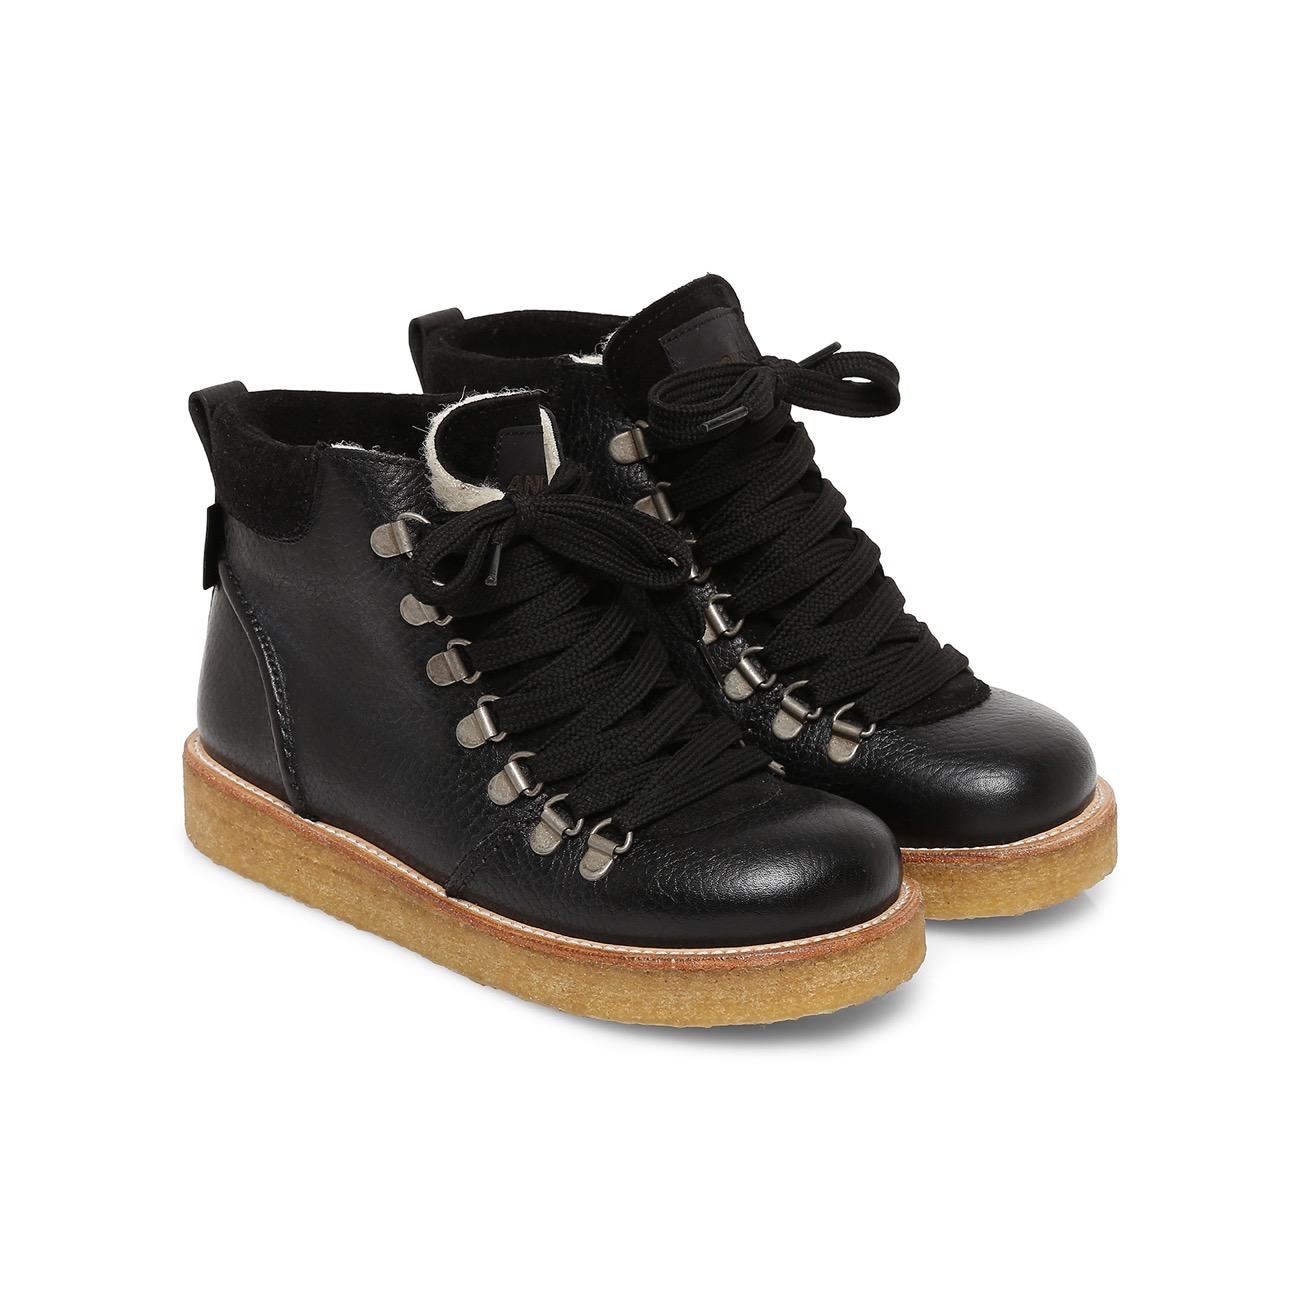 Støvler fra Minibot på Gl. Kongevej 92: 1199 kr.